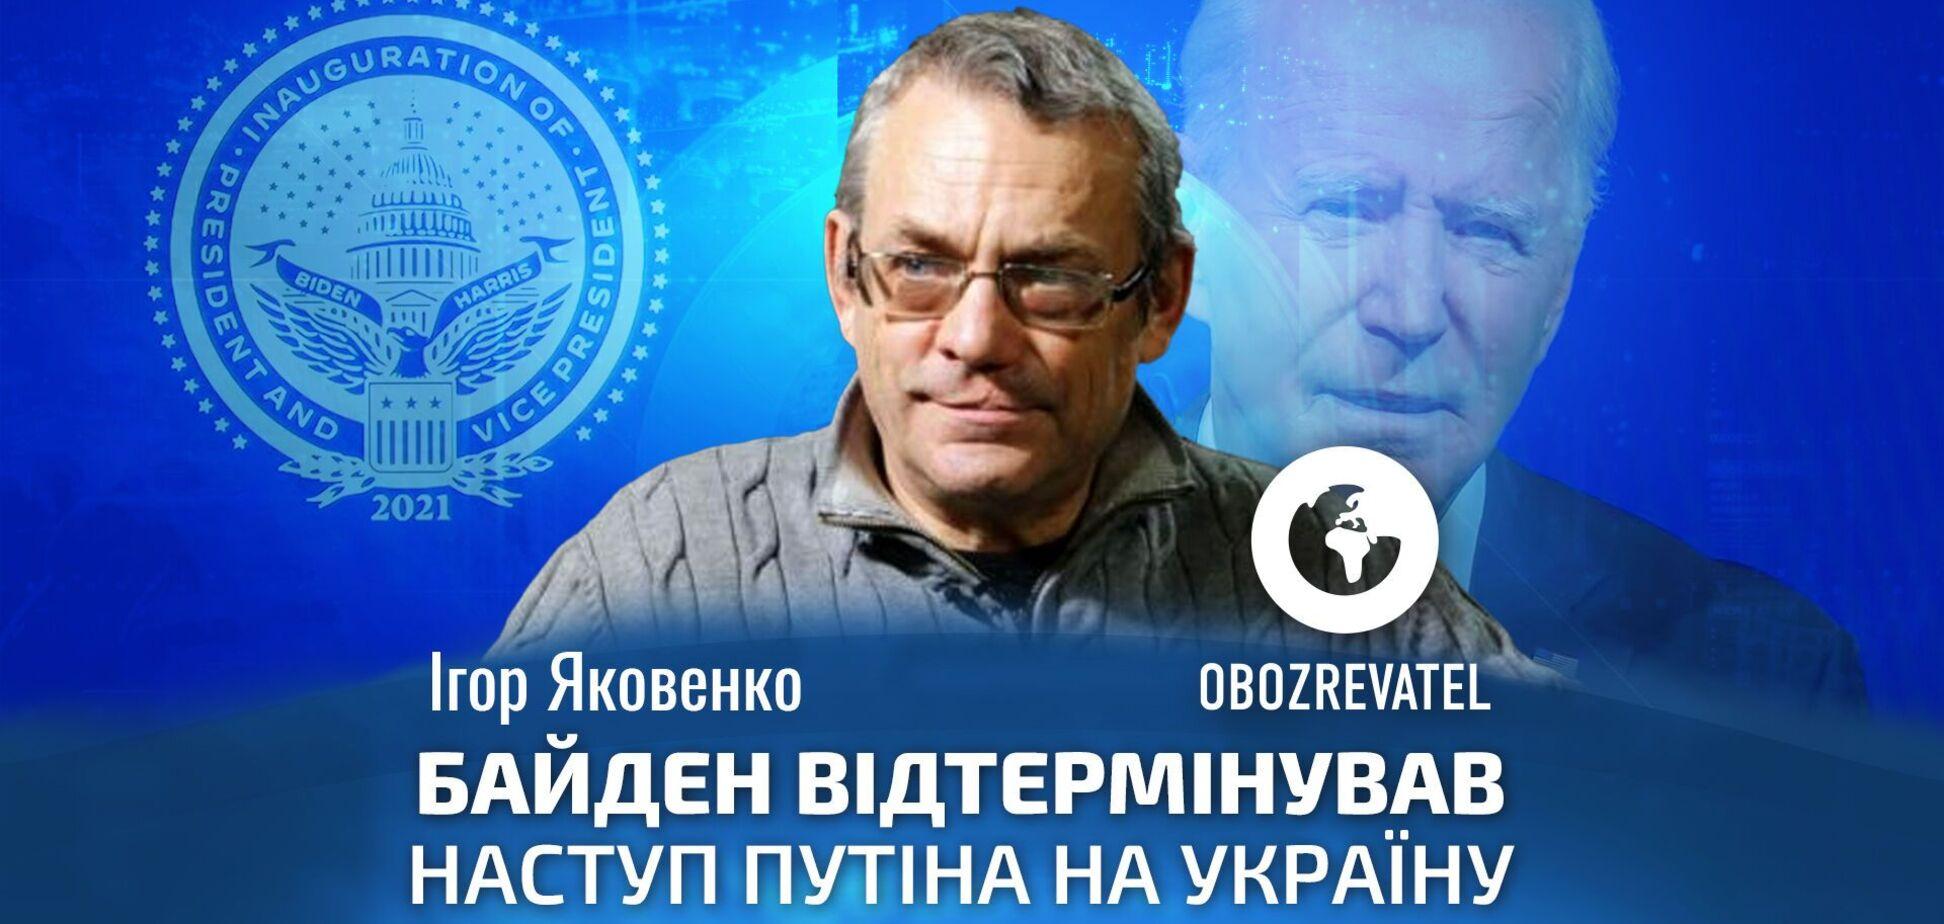 Яковенко: Байден отсрочил наступление Путина